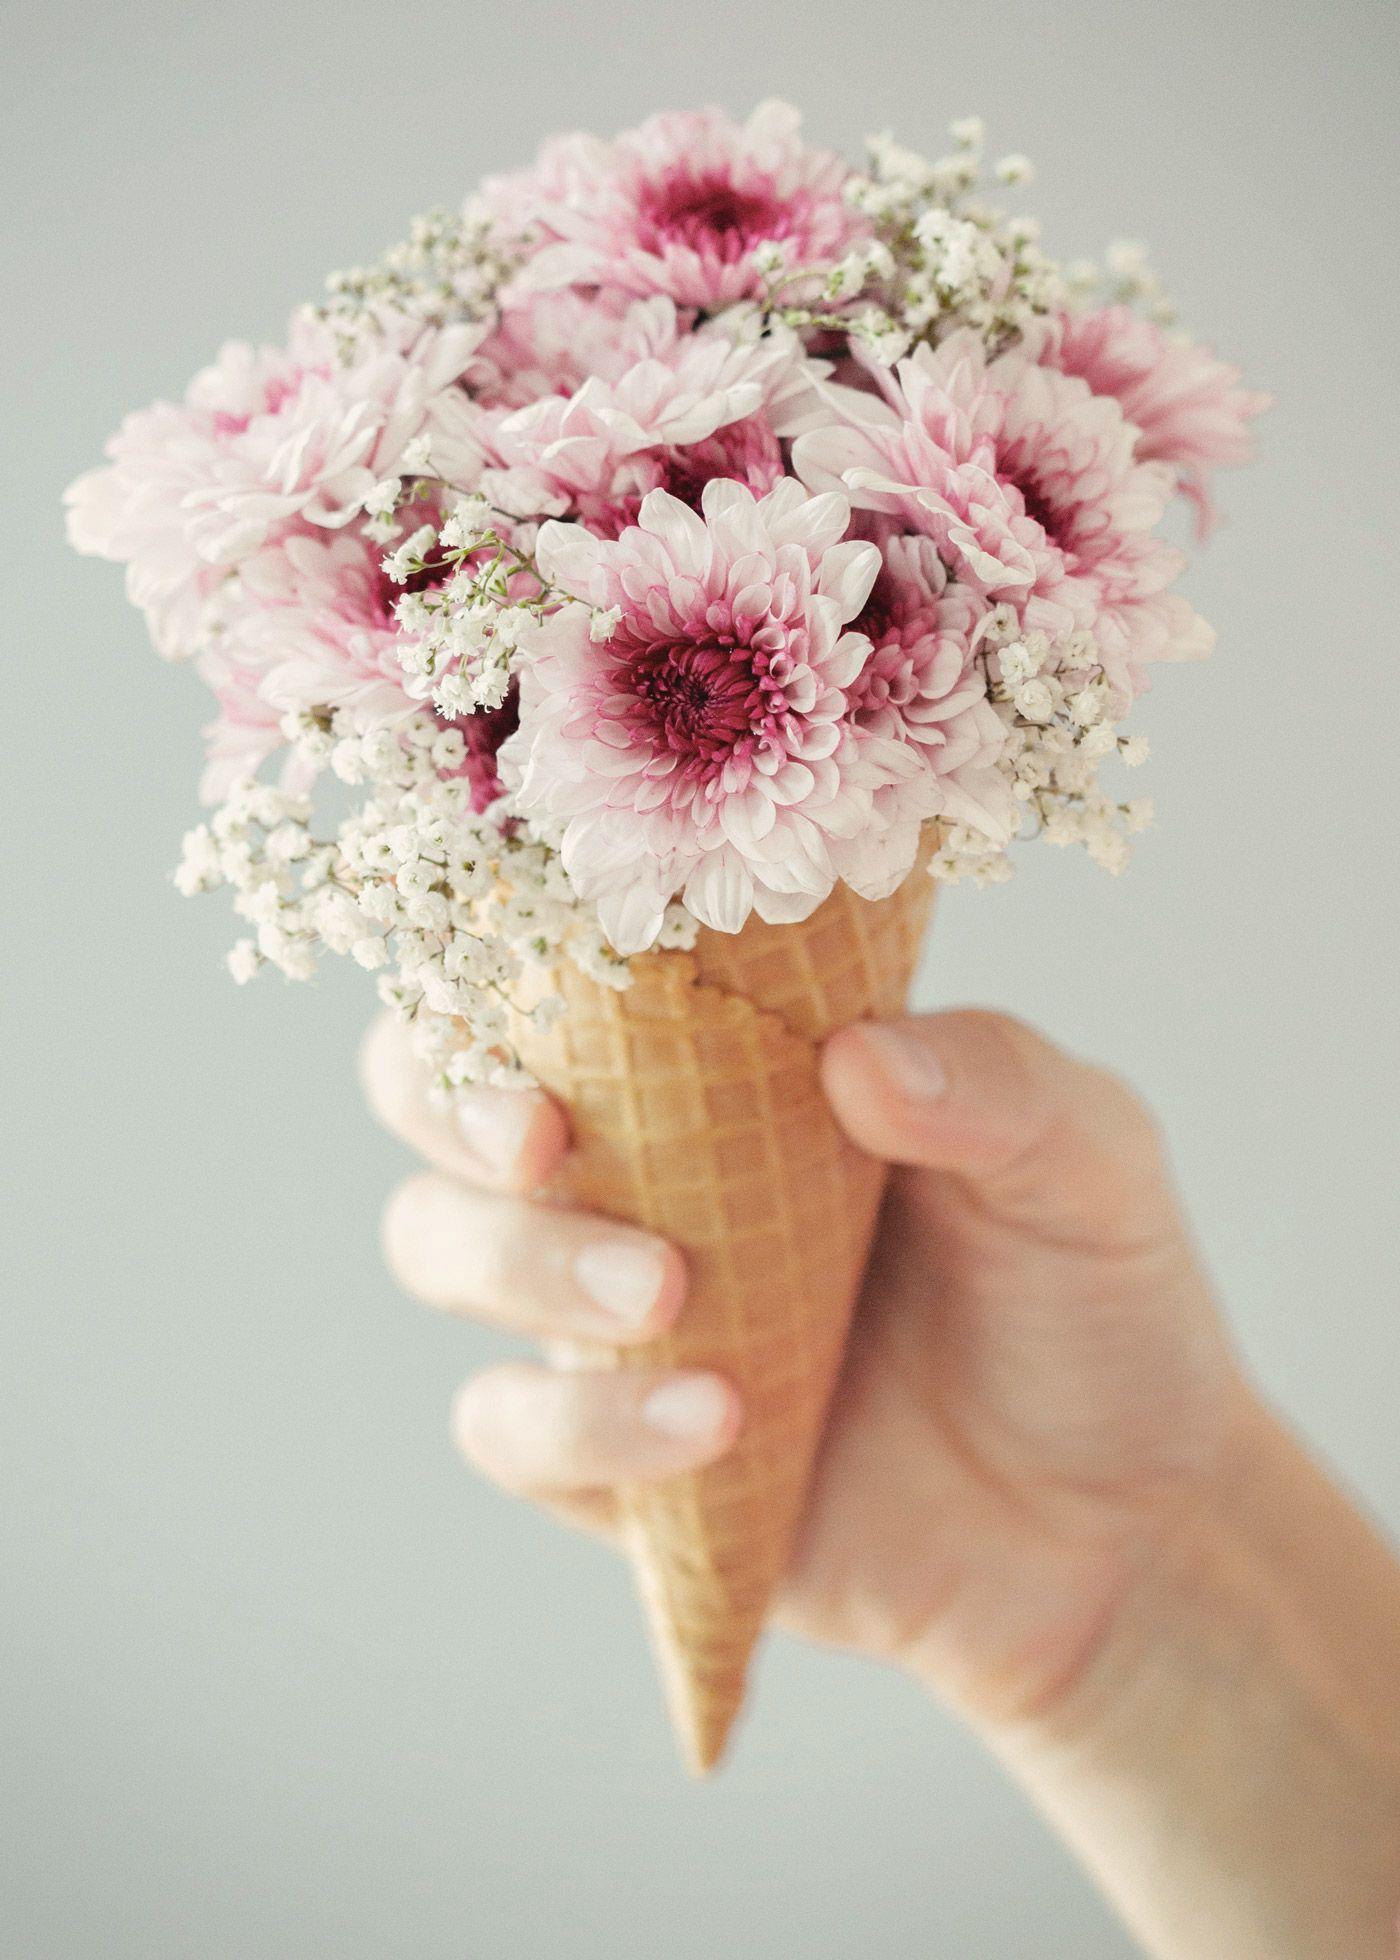 Post1 Jpg 1 400 1 960 Pixels Flower Cones Flower Aesthetic Flowers